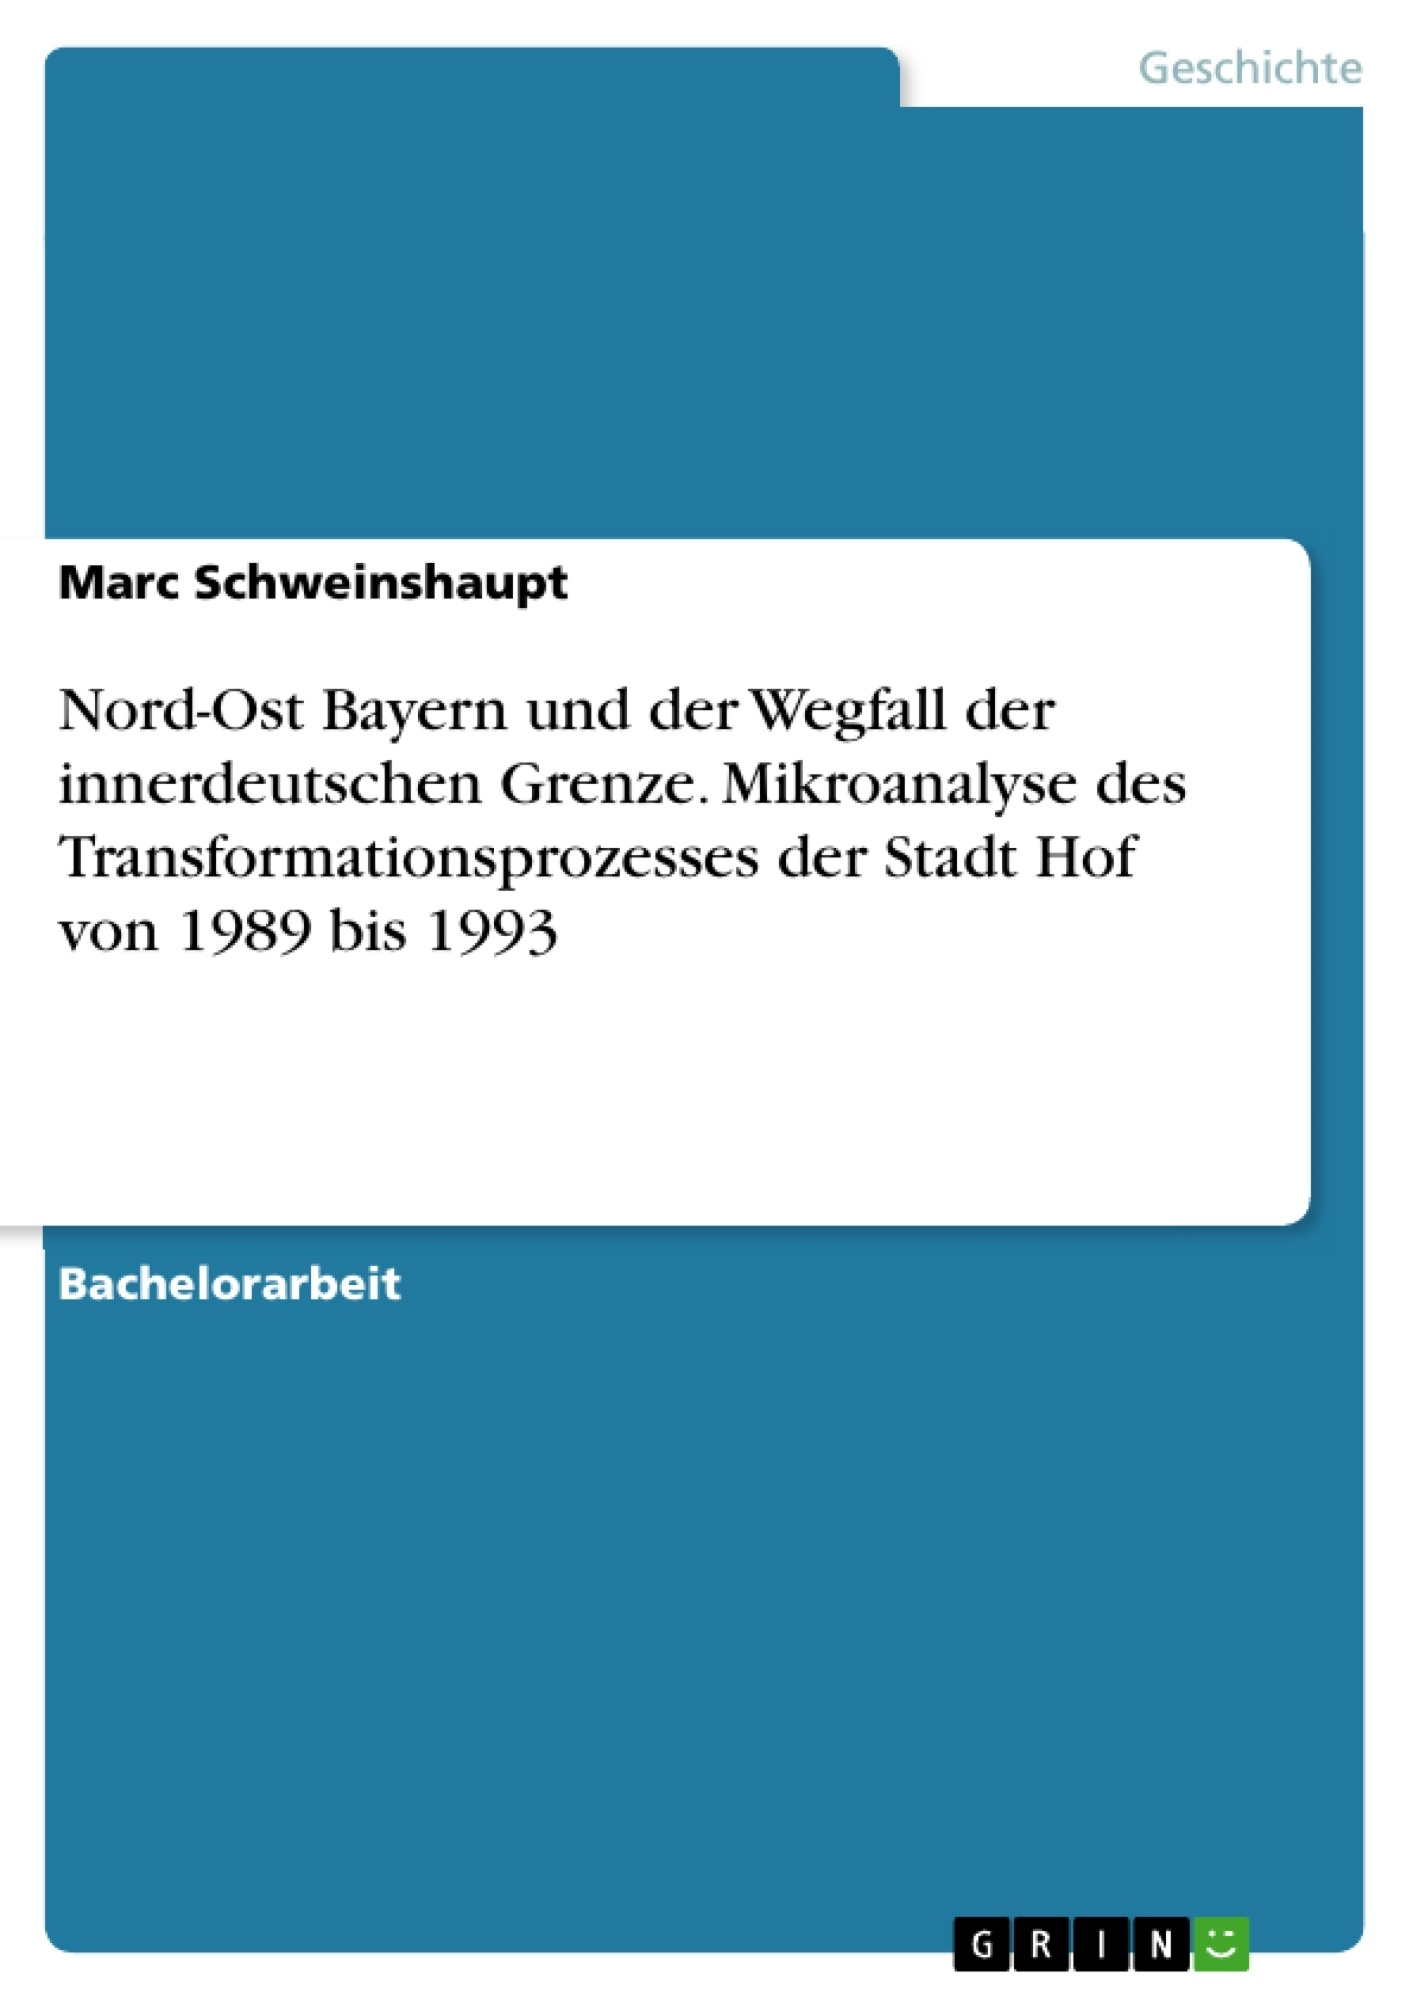 Titel: Nord-Ost Bayern und der Wegfall der innerdeutschen Grenze. Mikroanalyse des Transformationsprozesses der Stadt Hof von 1989 bis 1993